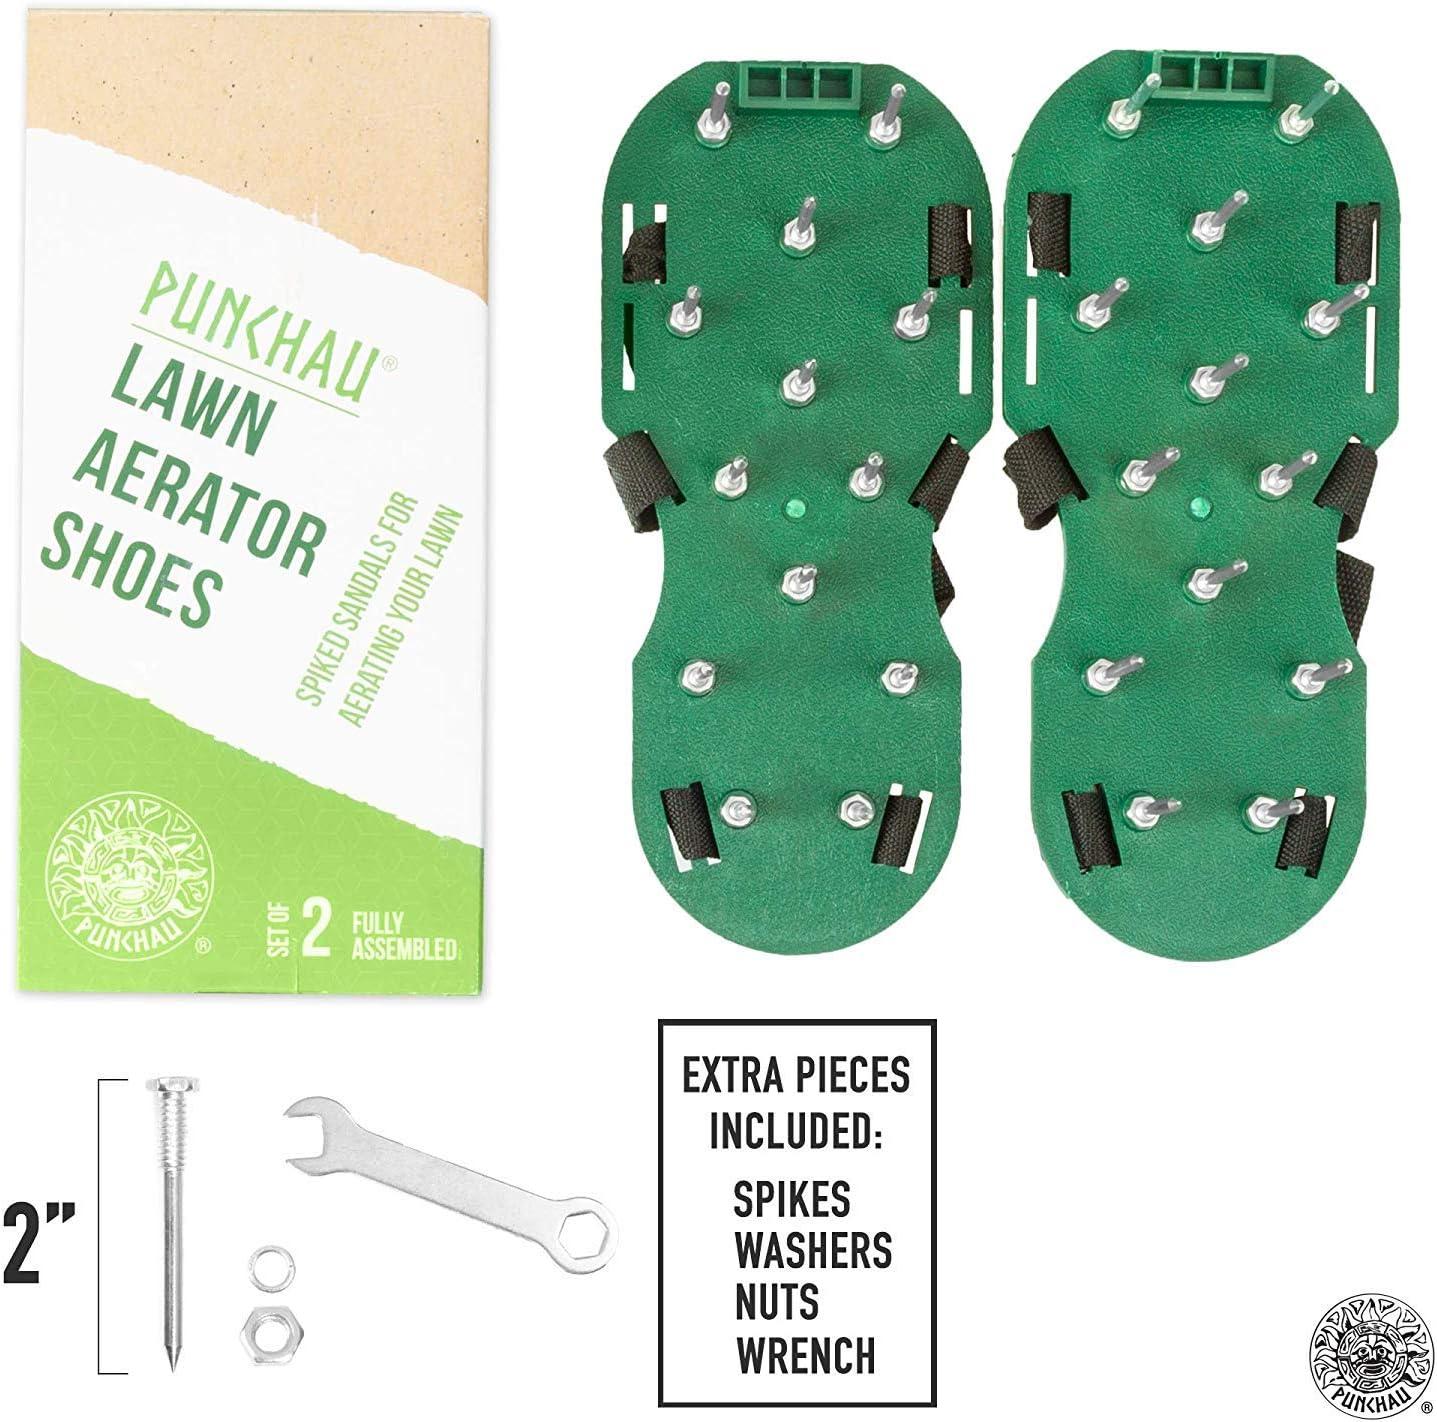 Punchau Zapatos Resistentes Con Puas Para Airear El Cesped De Su Jardin O Pa...